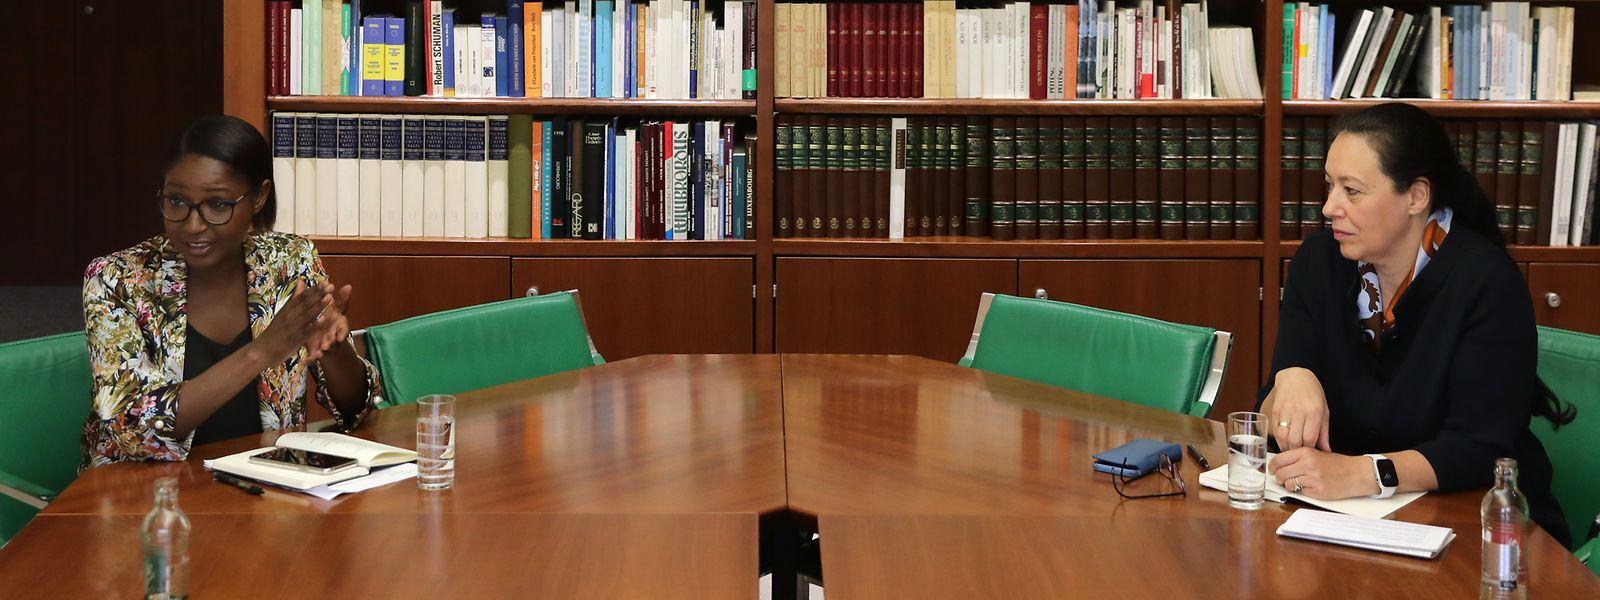 """Mit dem in Corona-Zeiten gebotenen Sicherheitsabstand diskutieren Monica Semedo (links) und Isabel Wiseler in den Räumlichkeiten des """"Luxemburger Wort""""."""